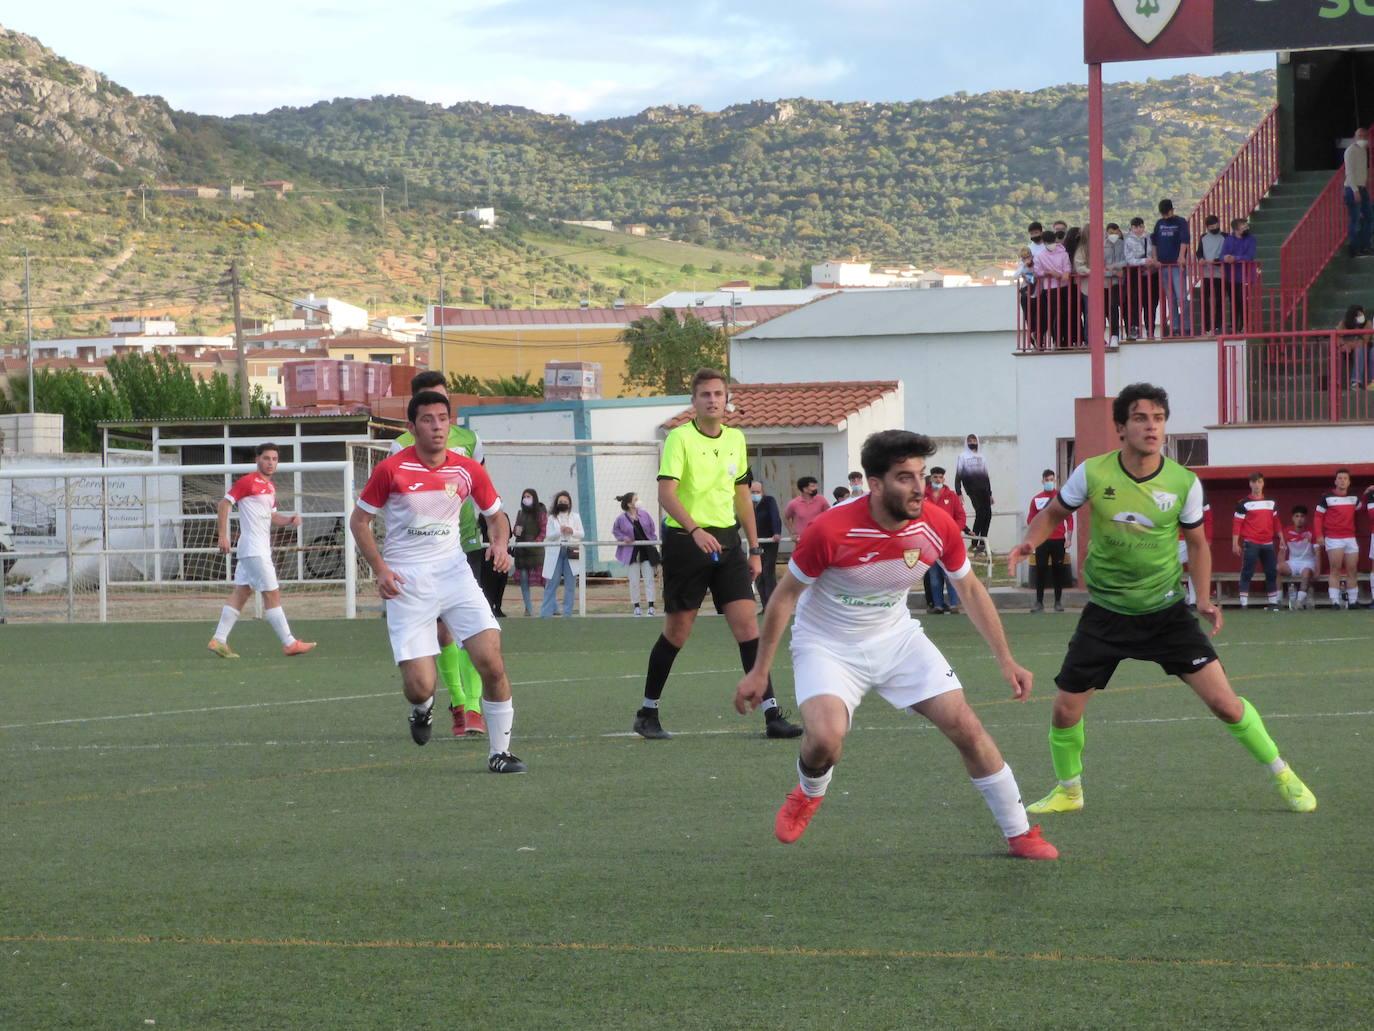 El CD Castuera-Subastacar inicia la temporada este domingo 19 de septiembre en el Manuel Ruiz ante al CD Santa Amalia